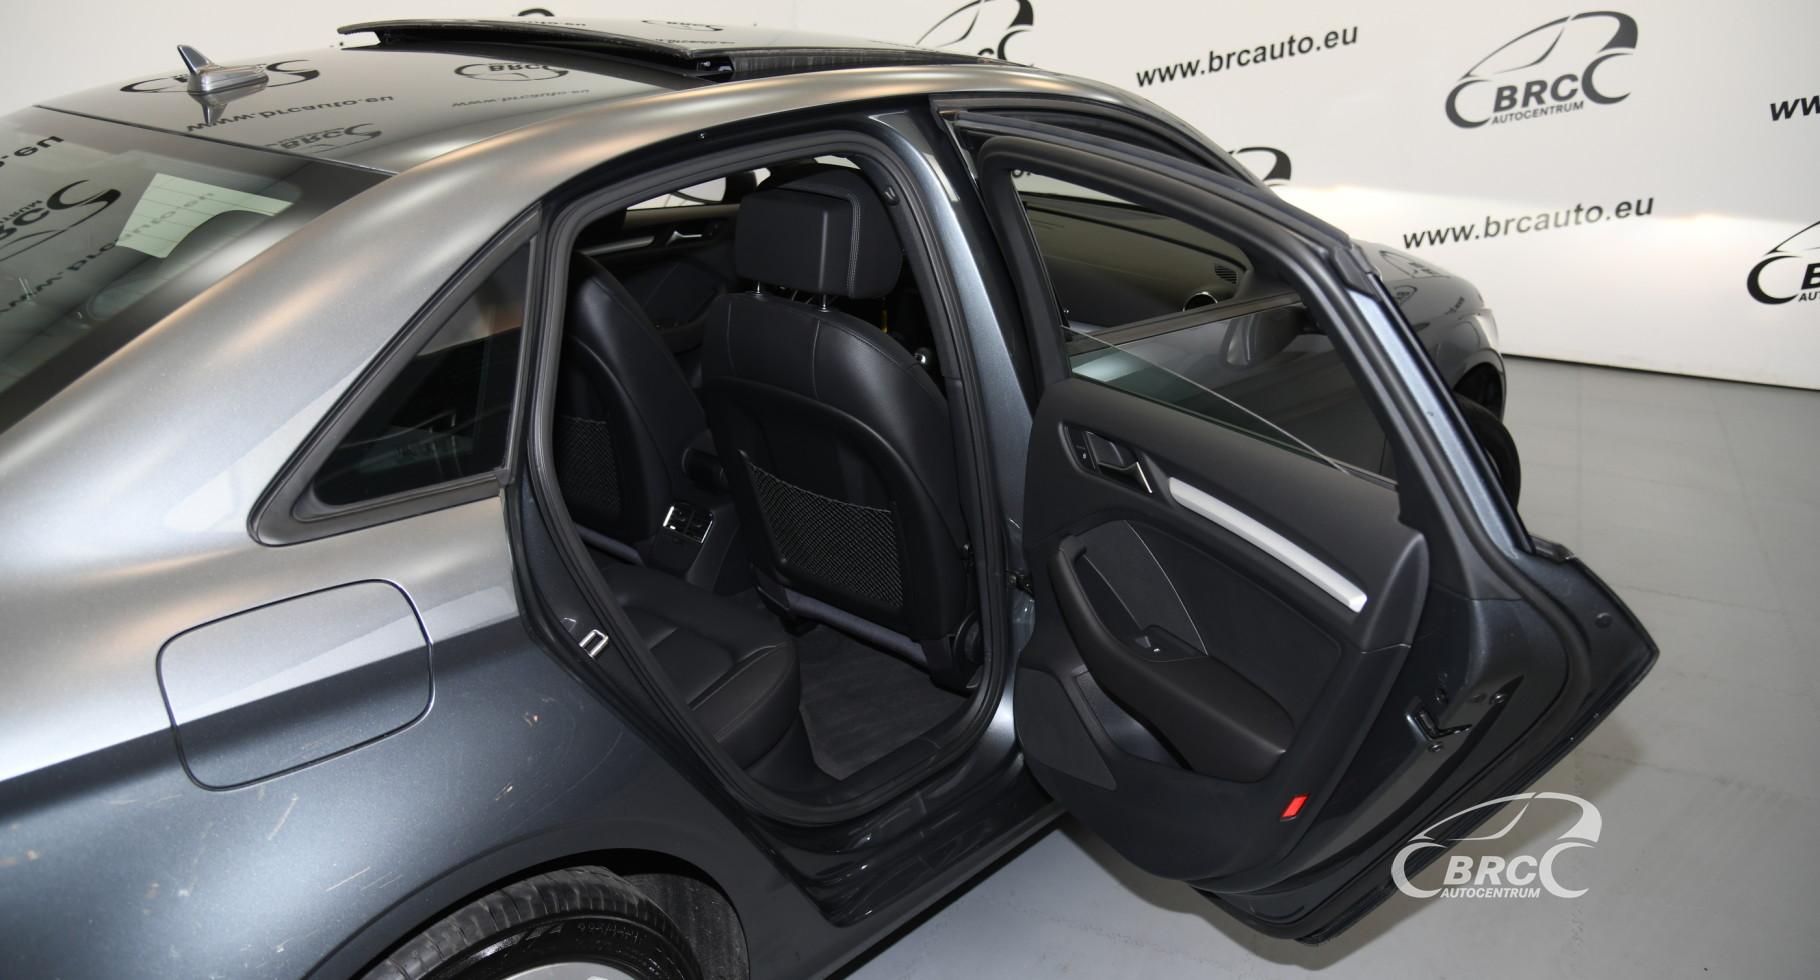 Audi A3 2.0 TFSI Quattro Automatas